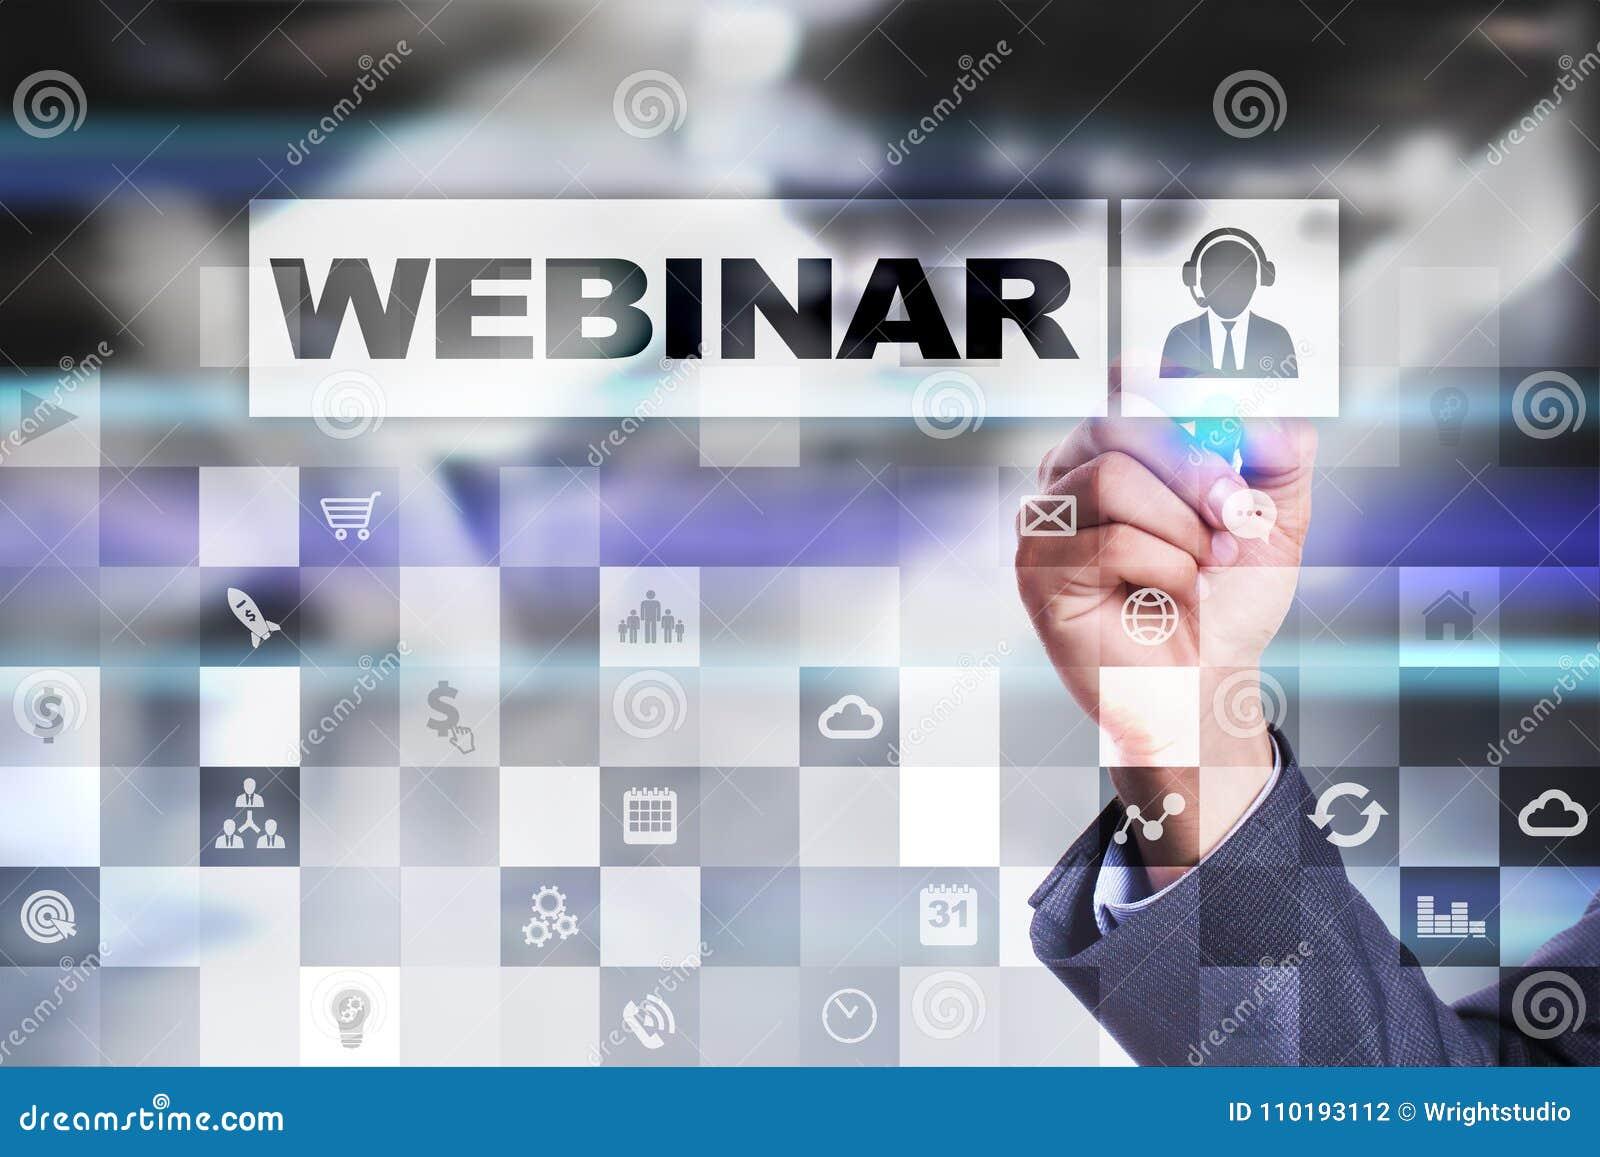 Webinar Nauczanie online, online edukaci pojęcie rozwoju ogłoszenie towarzyskie parawanowy wirtualny